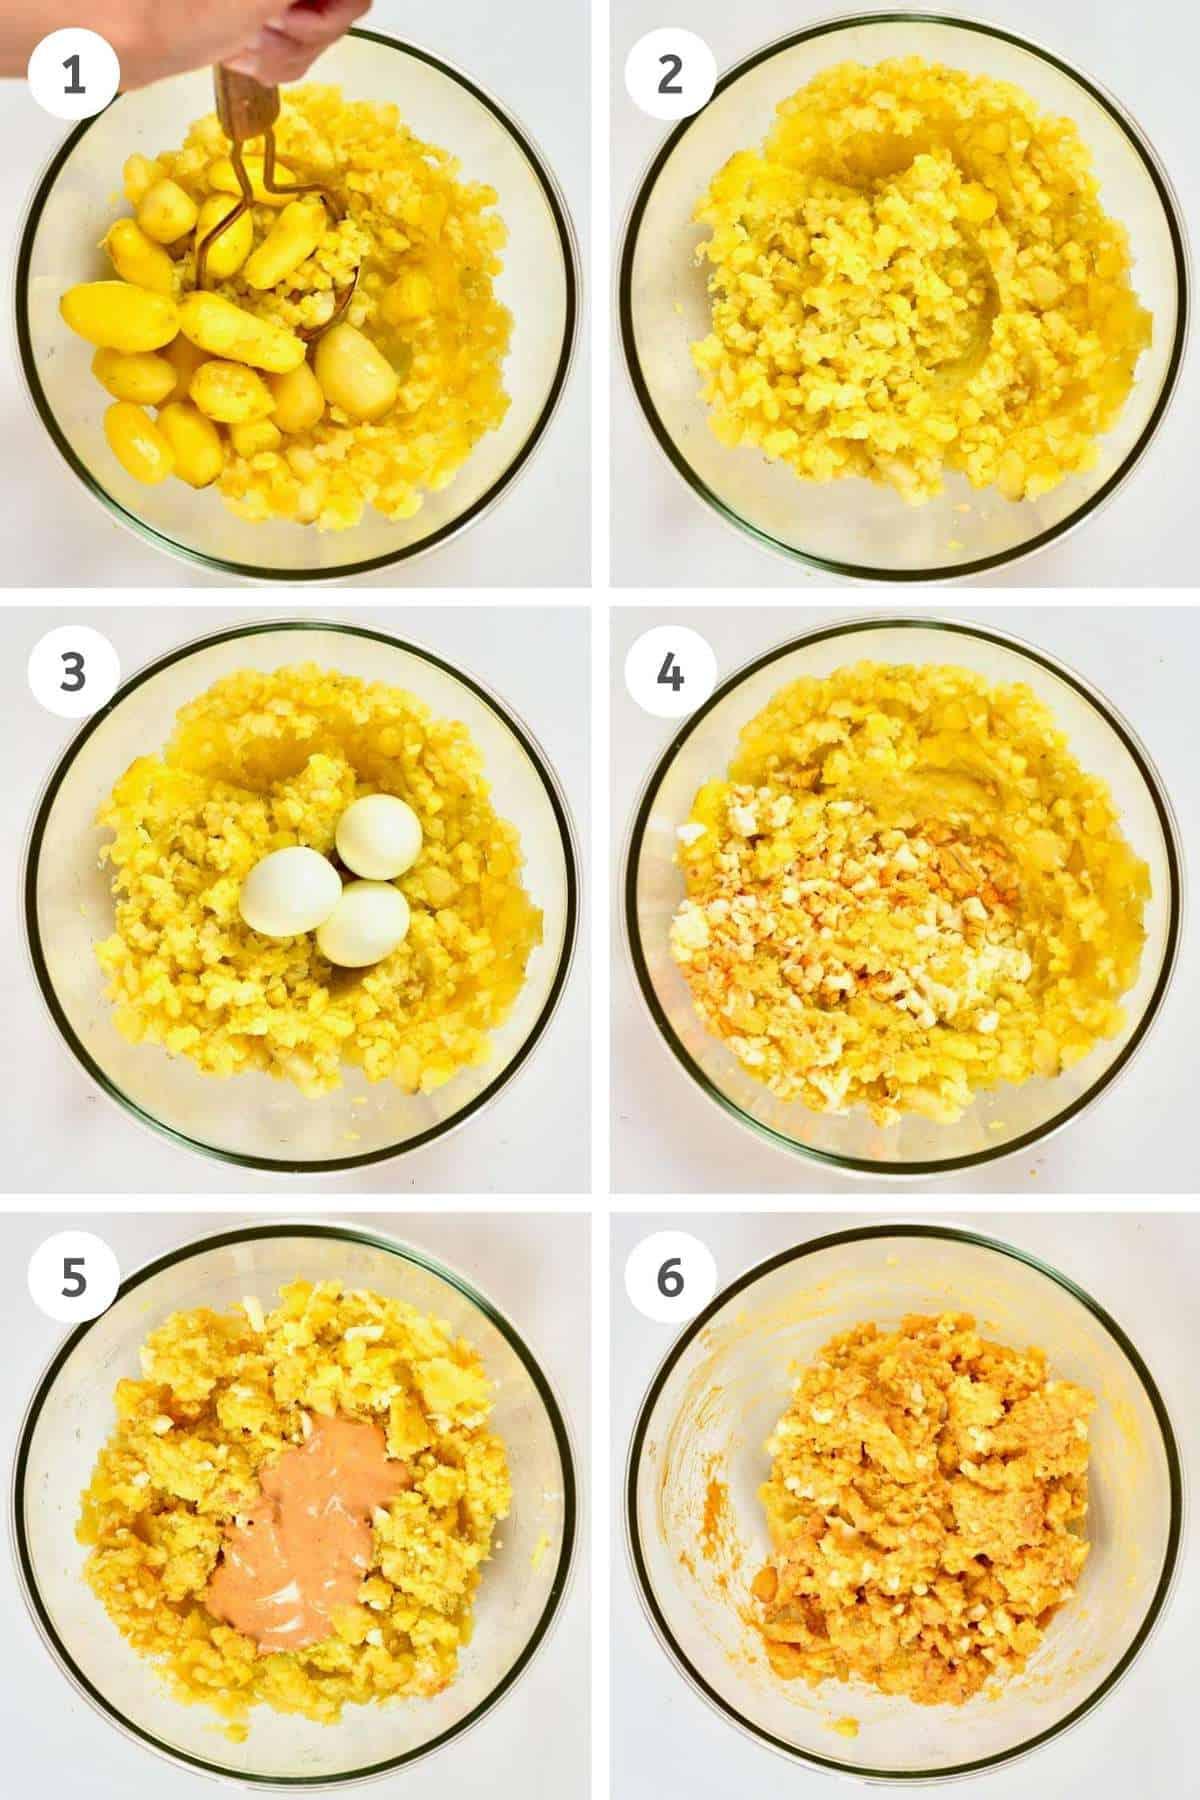 Mashing potatoes and eggs for potato salad